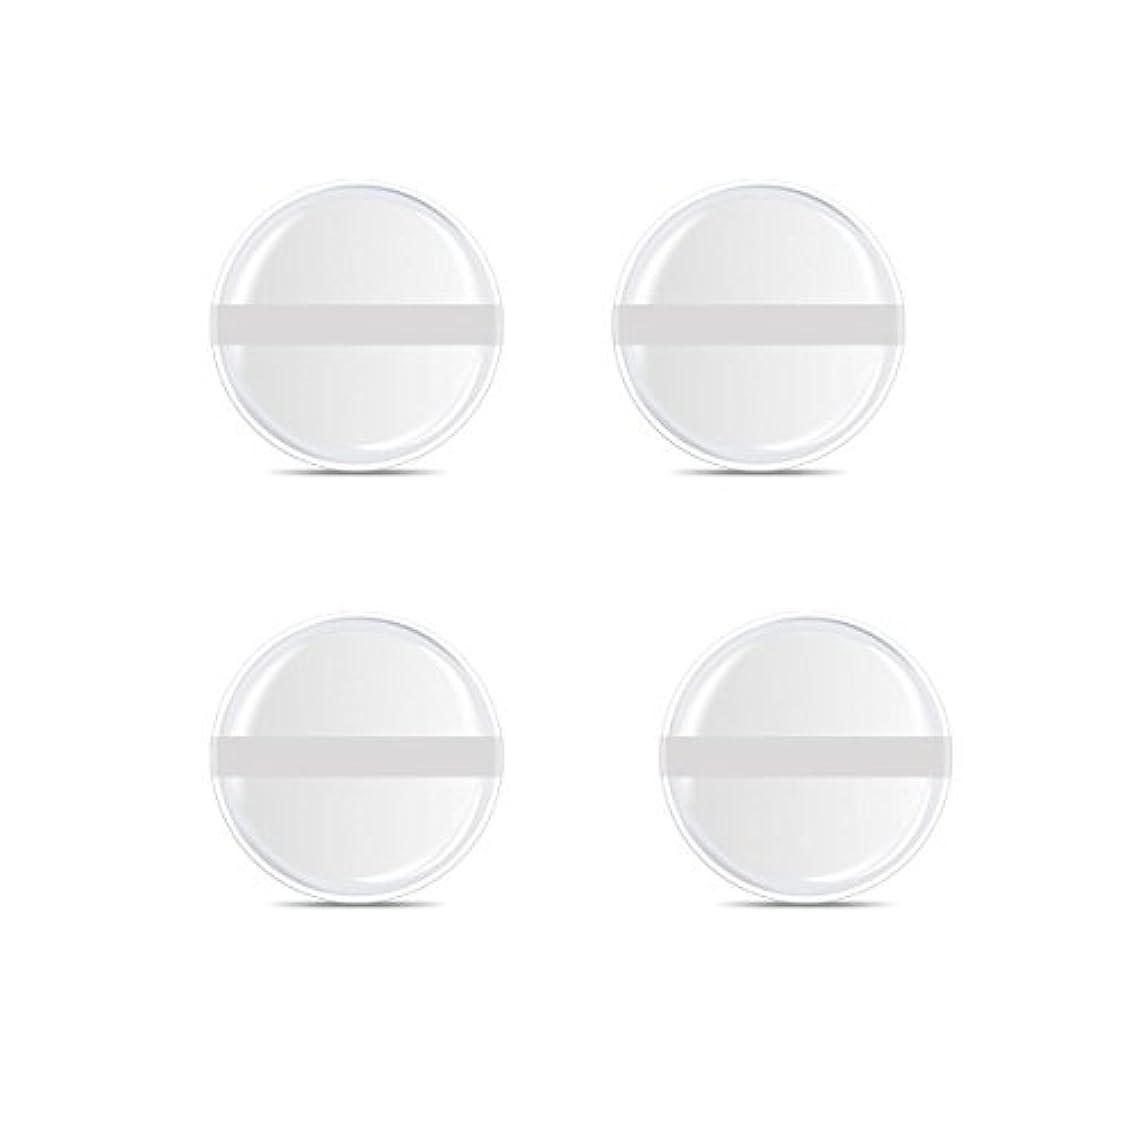 完了放置前方へシリコンパフ 帯付き メイクスポンジ ゲルパフ ゼリーパフ 清潔しやすい衛生 柔らかく 透明な 4枚入 (円形 4入り)